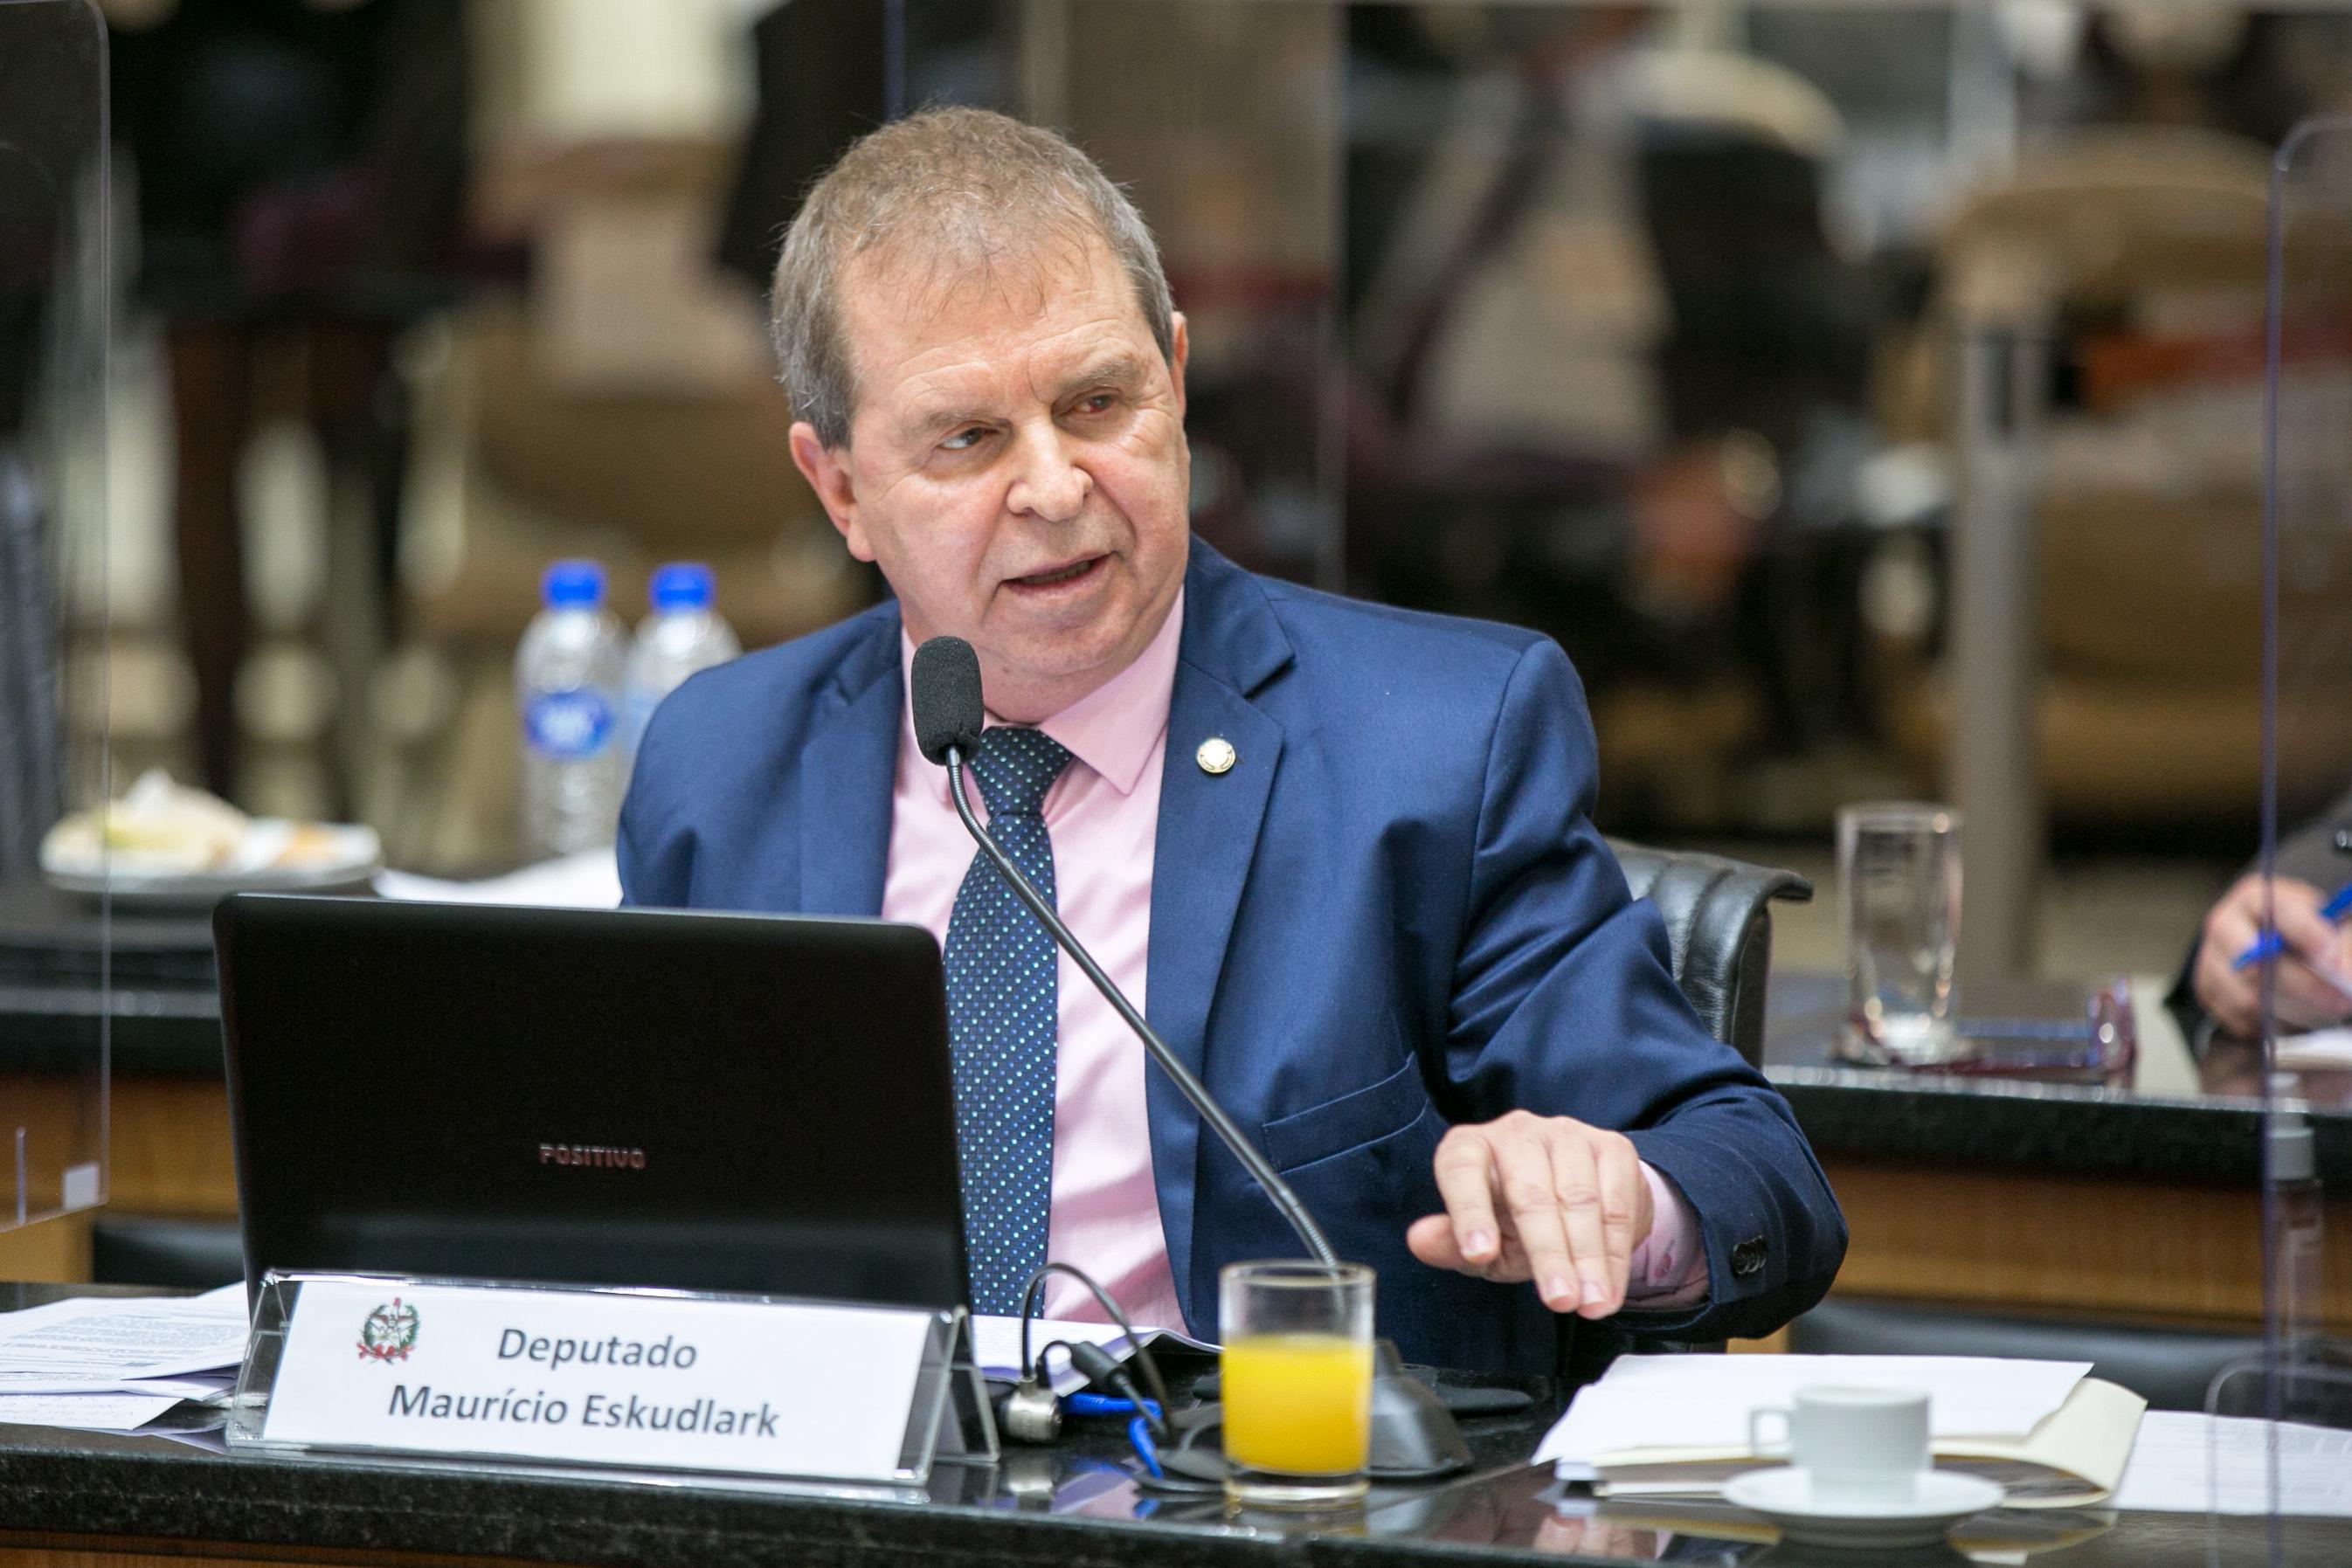 Deputado Mauricio Eskudlark